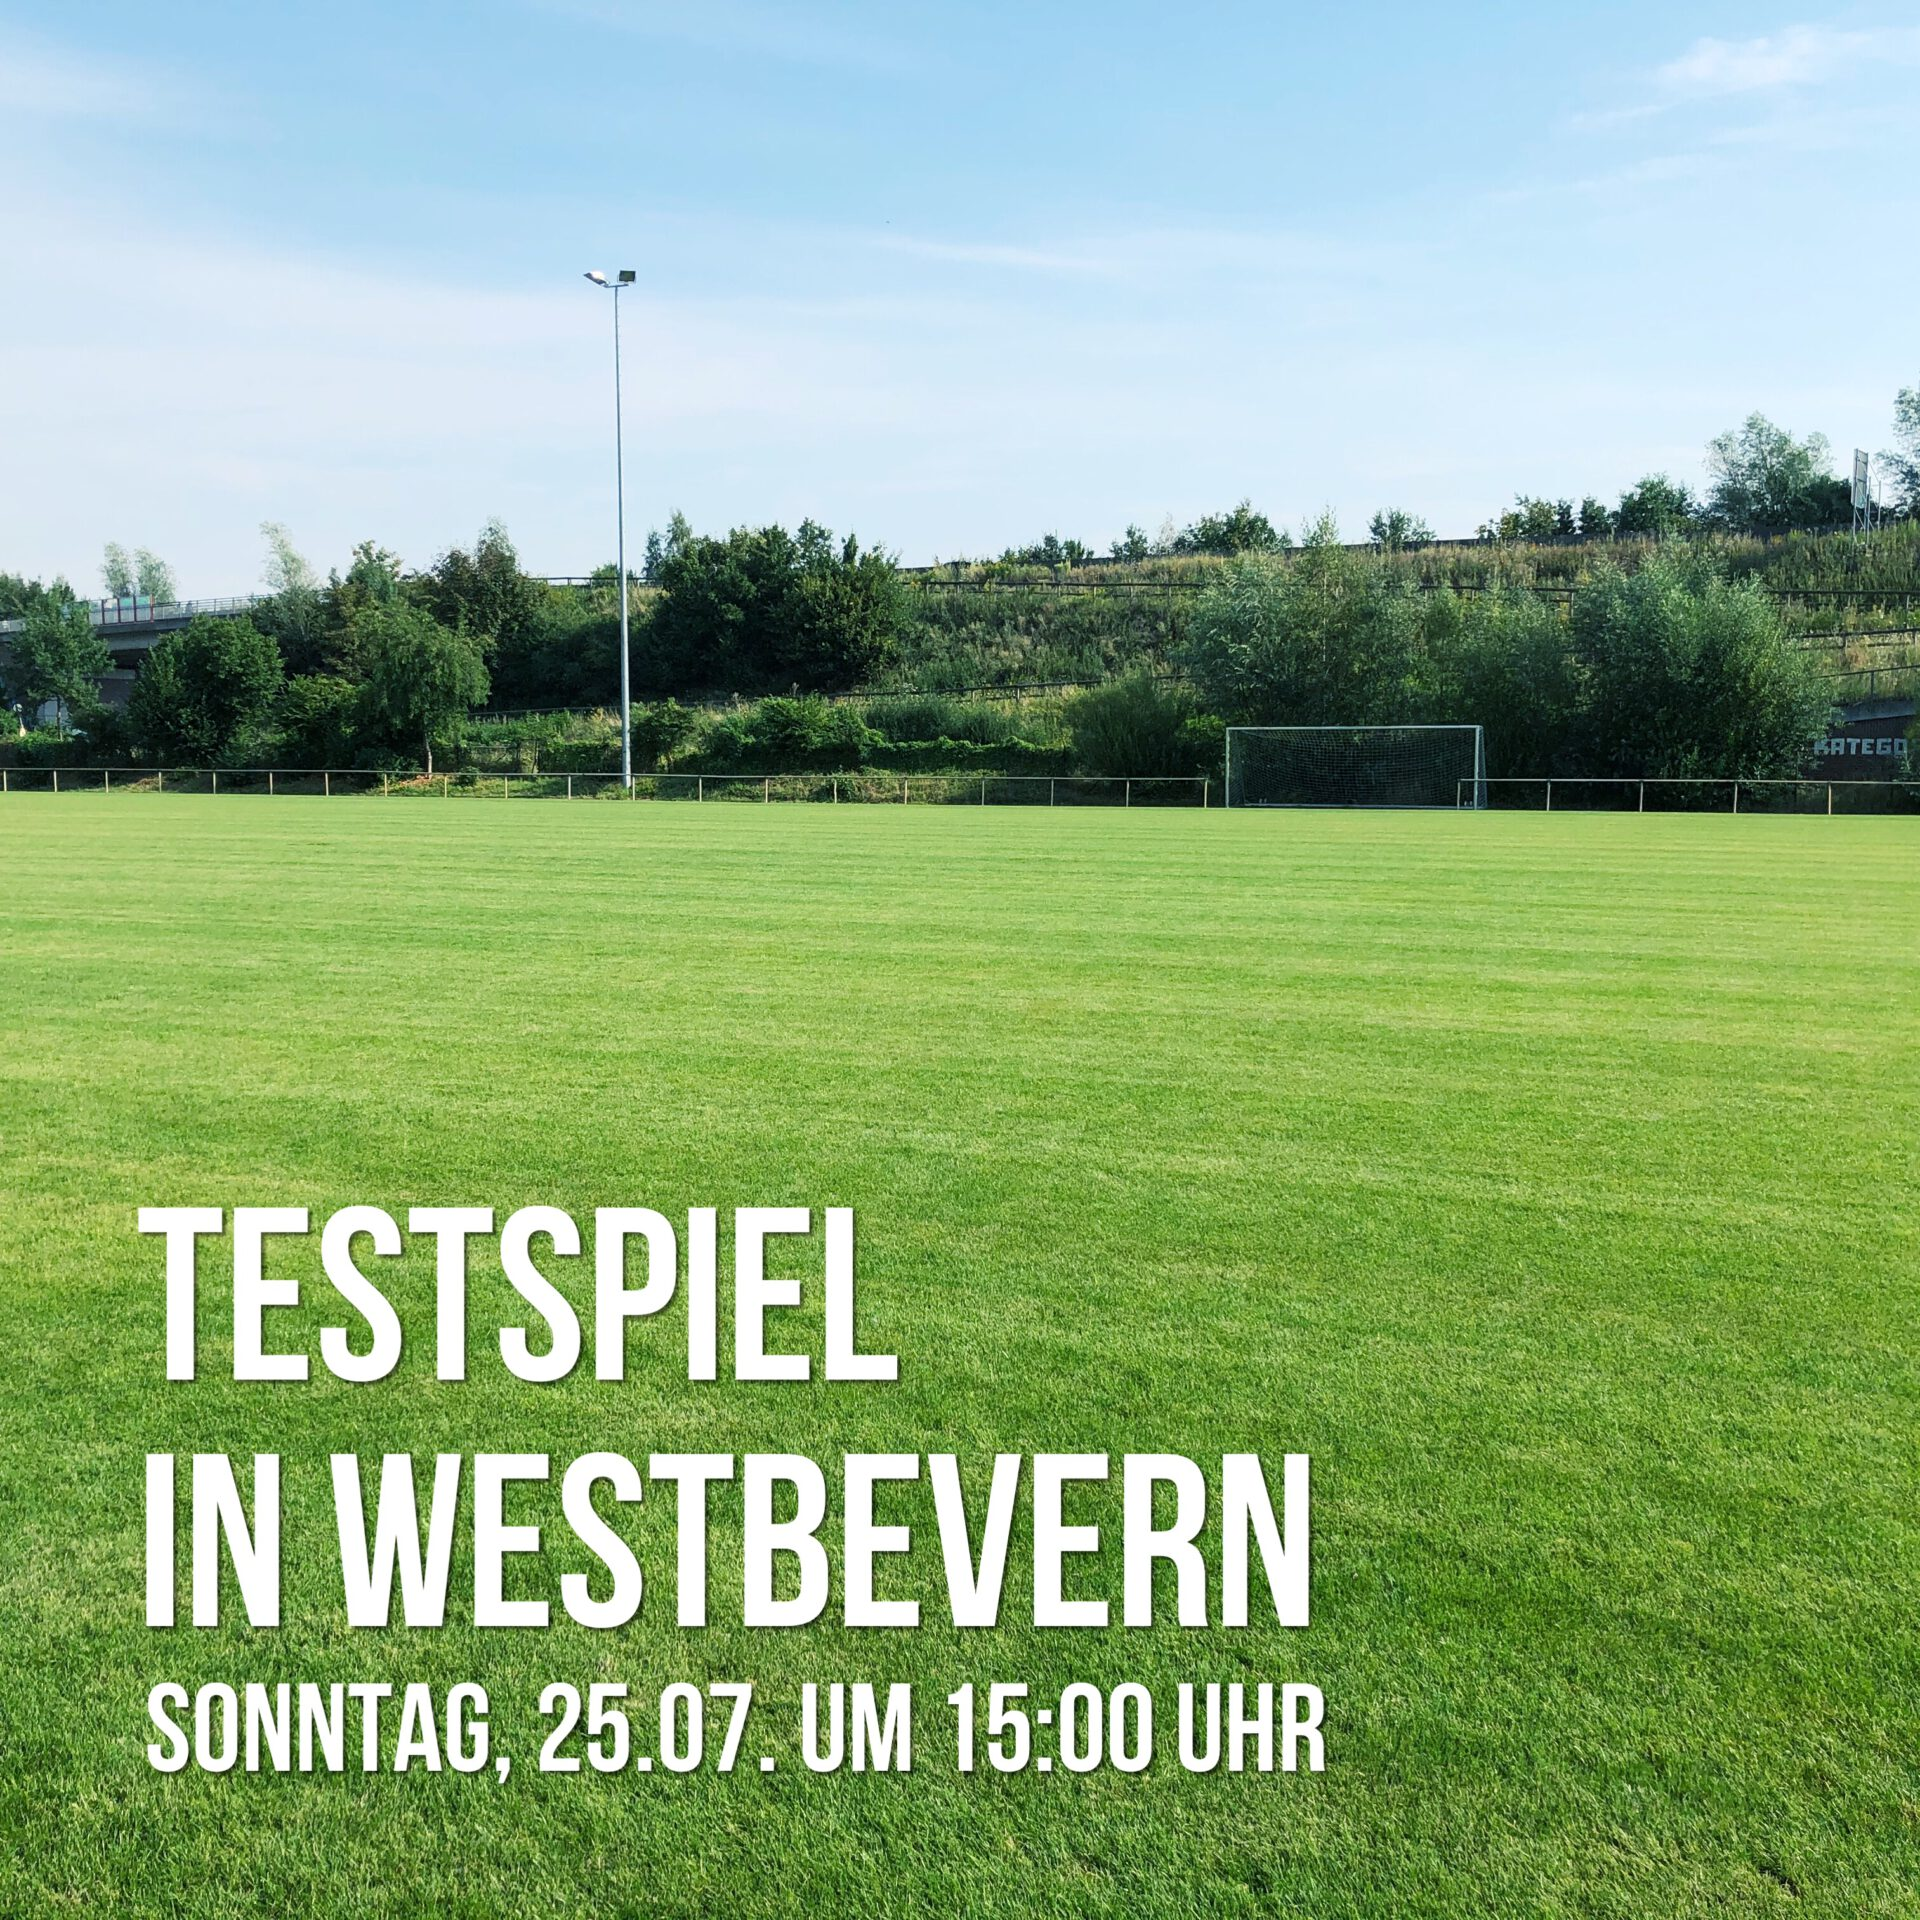 Abgesagt: Auswärtsspiel gegen SV Ems Westbevern